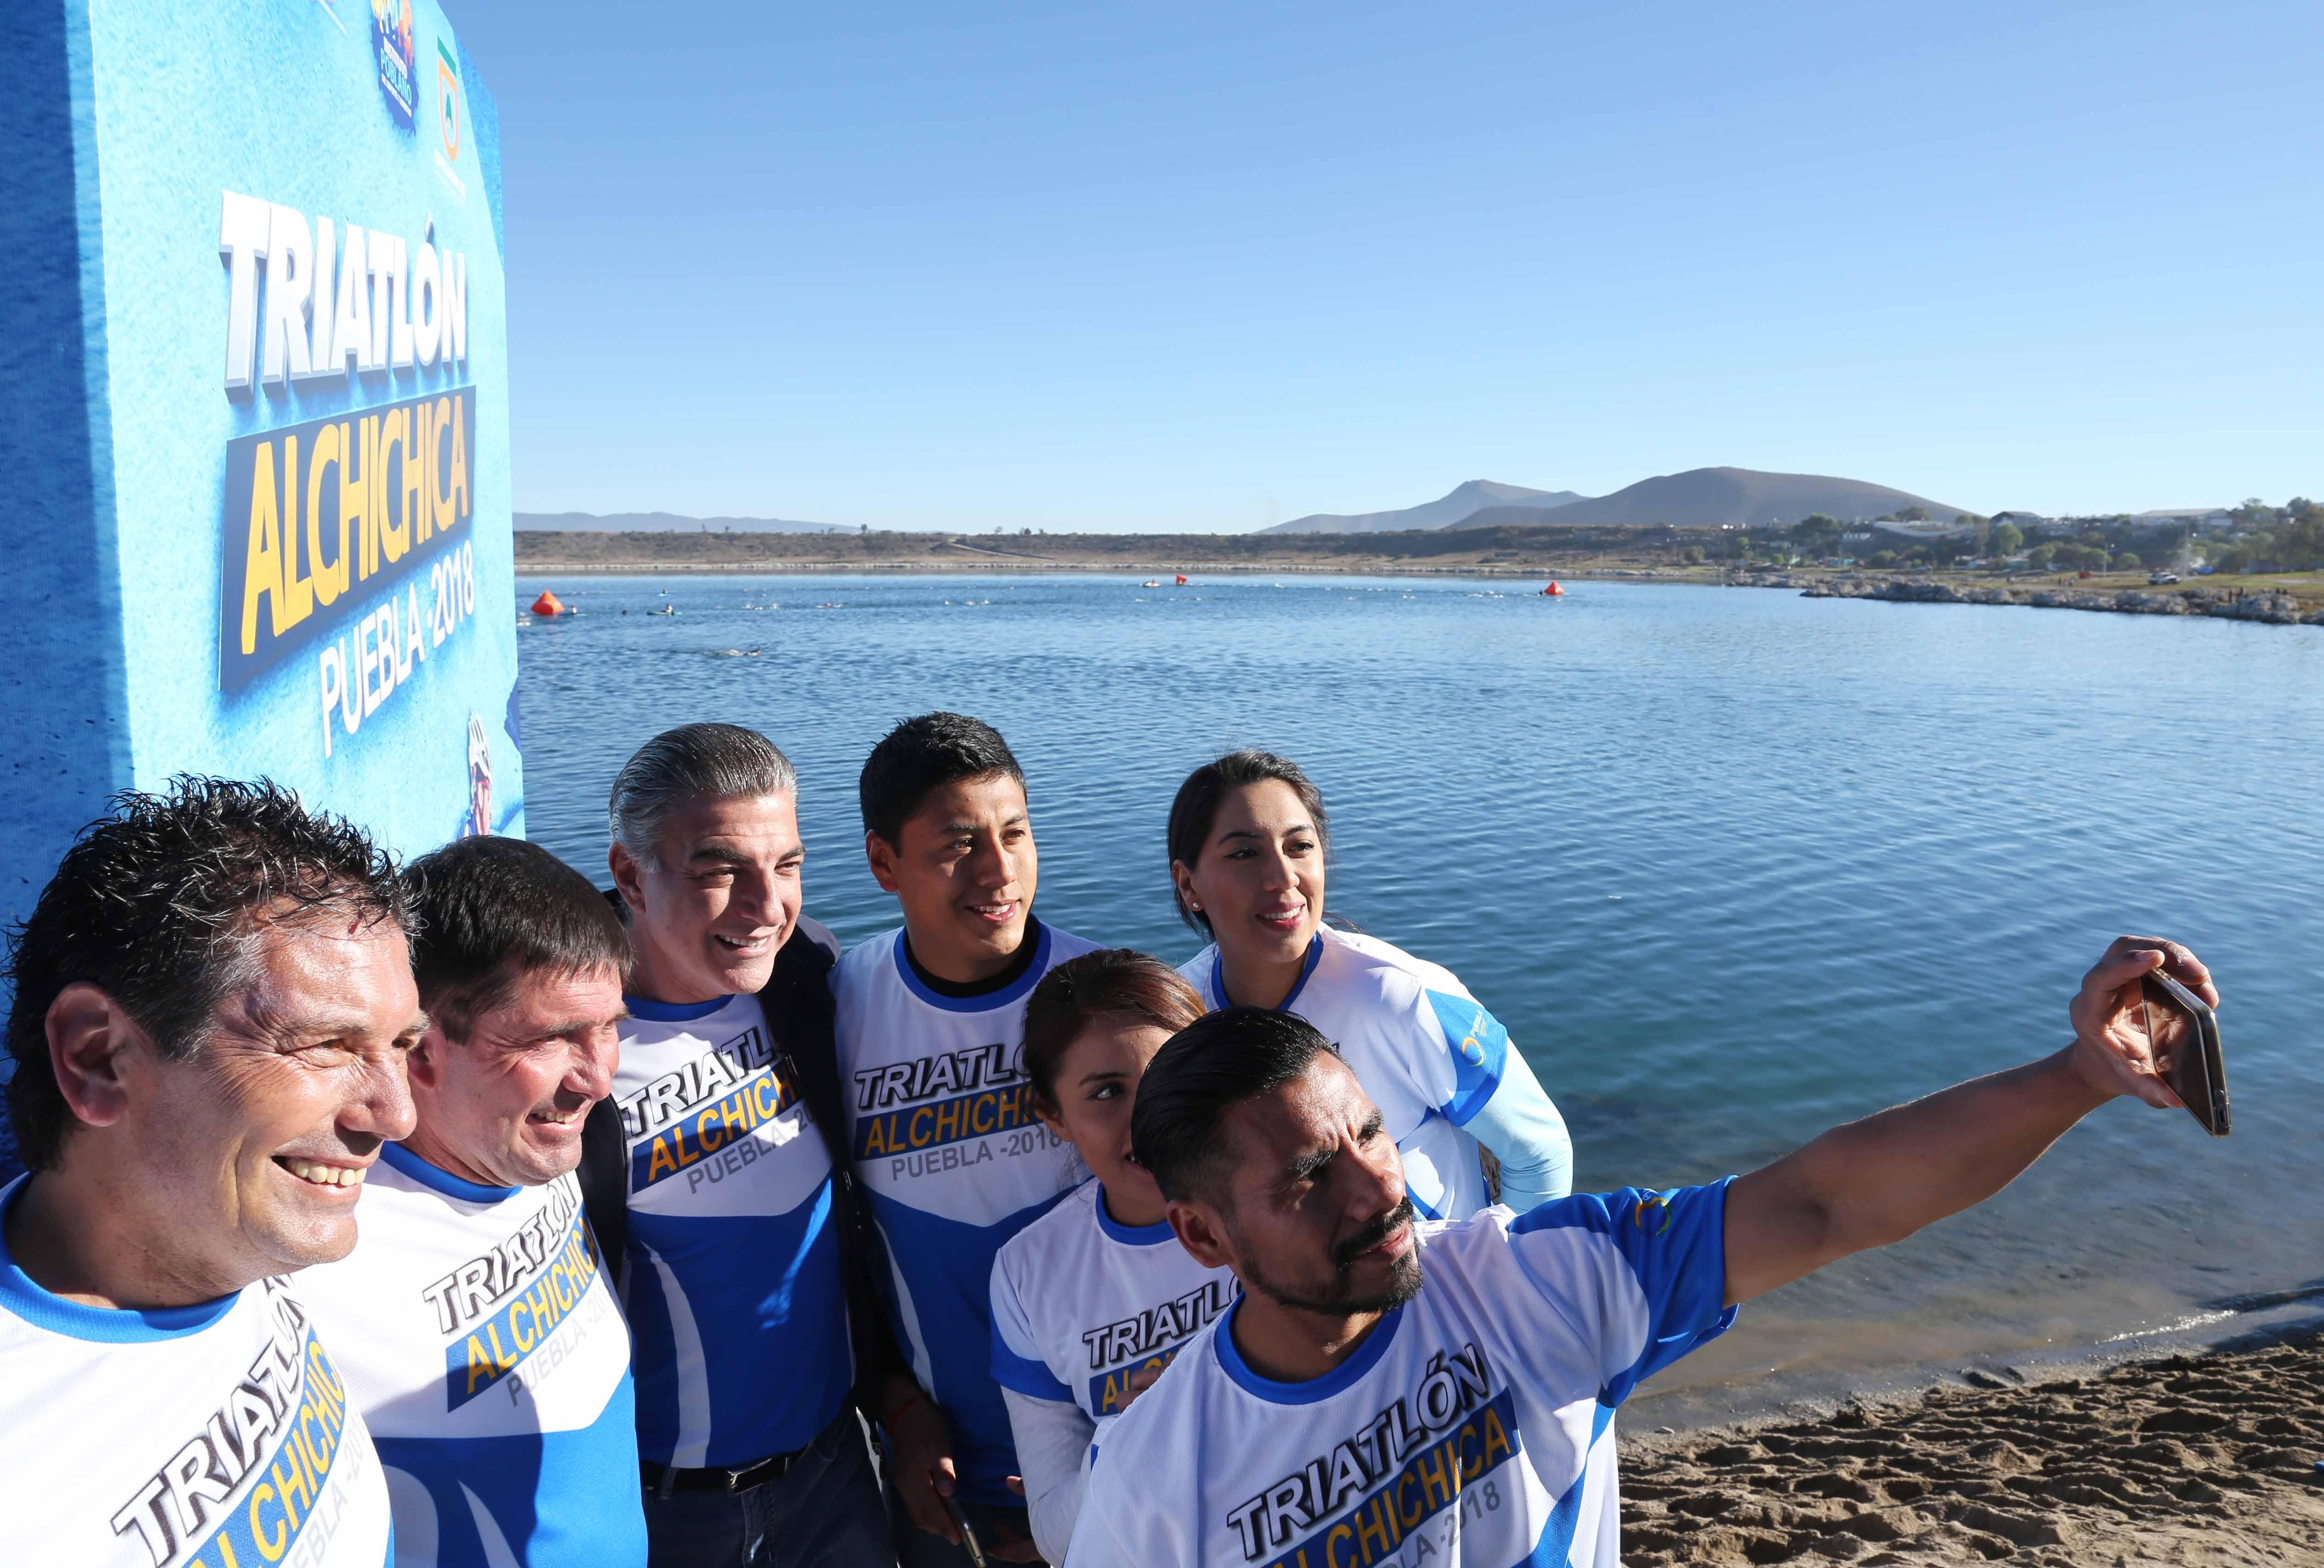 Inaugura Gali el  Triatlón Alchichica 2018 al que asisten 200 participantes